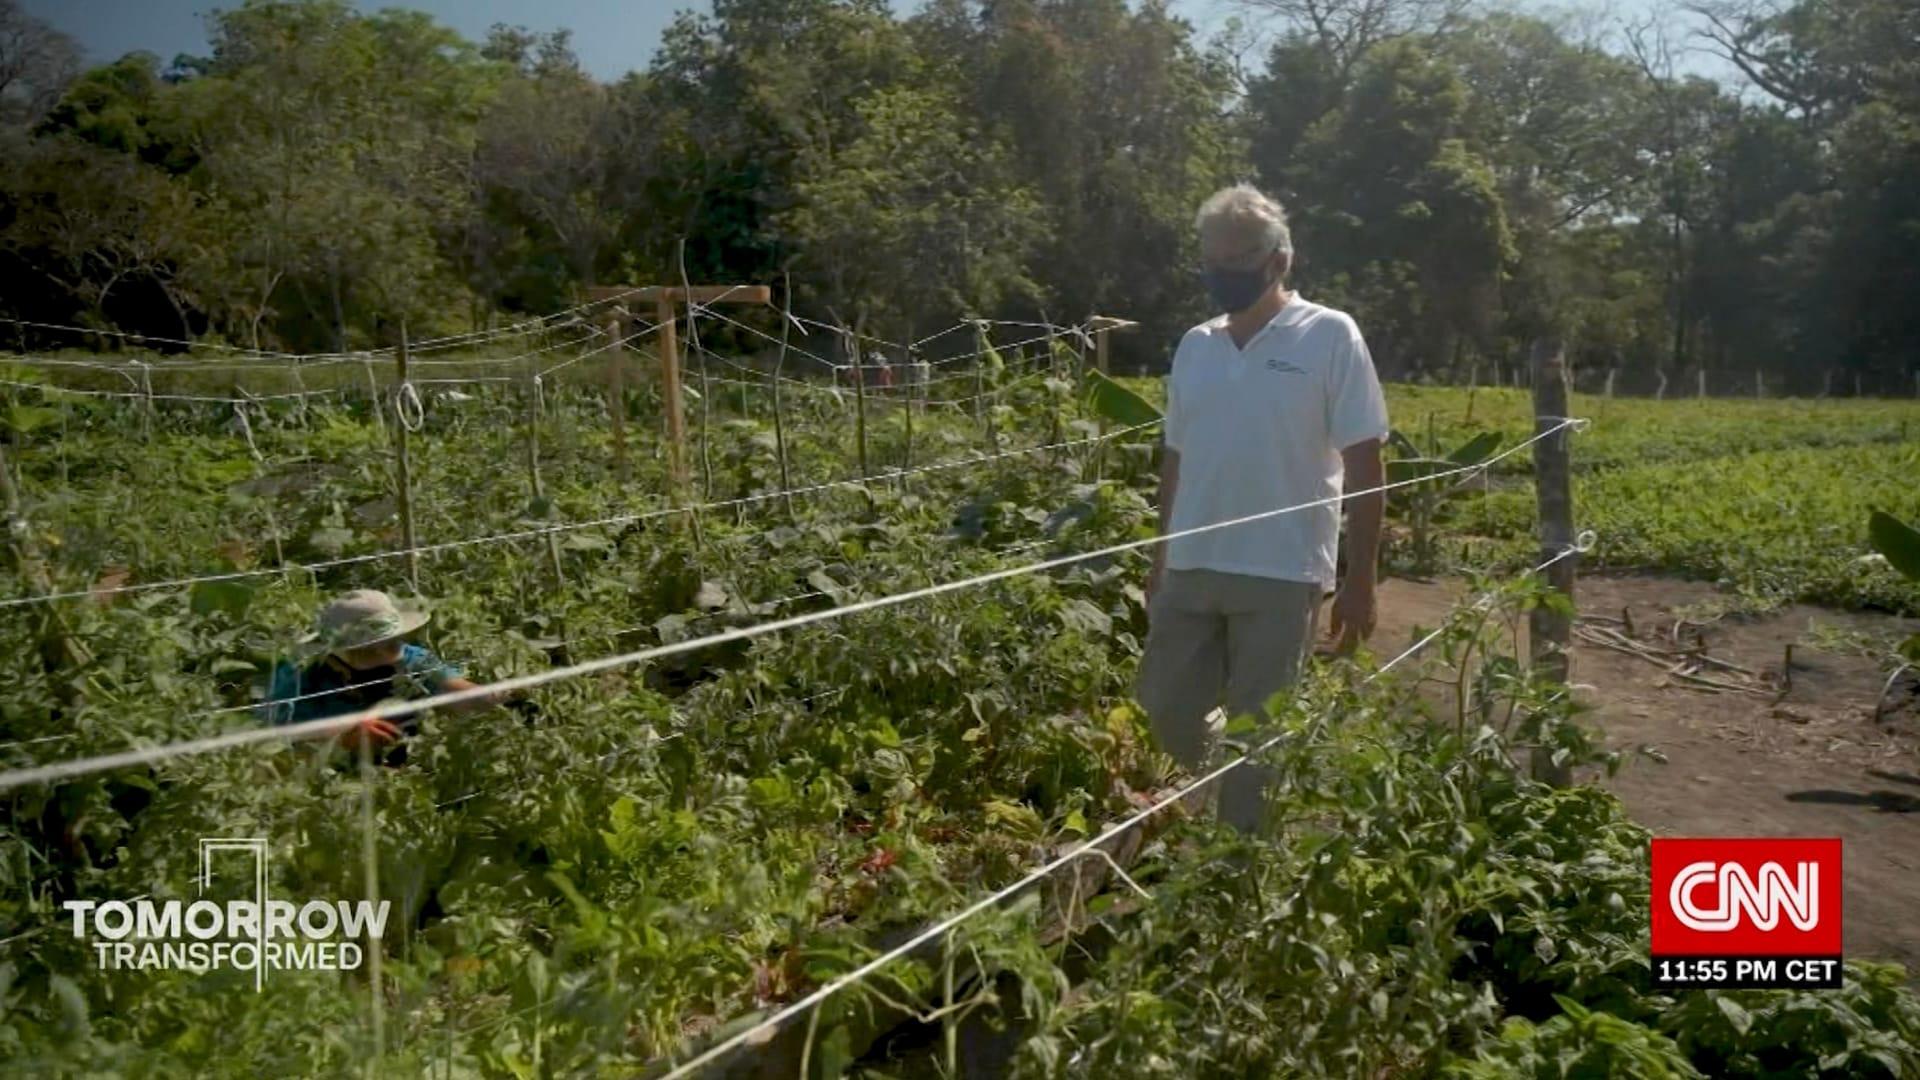 كيف استغلت كوستاريكا جائحة كورونا لتطبيق الزراعة المتجددة؟